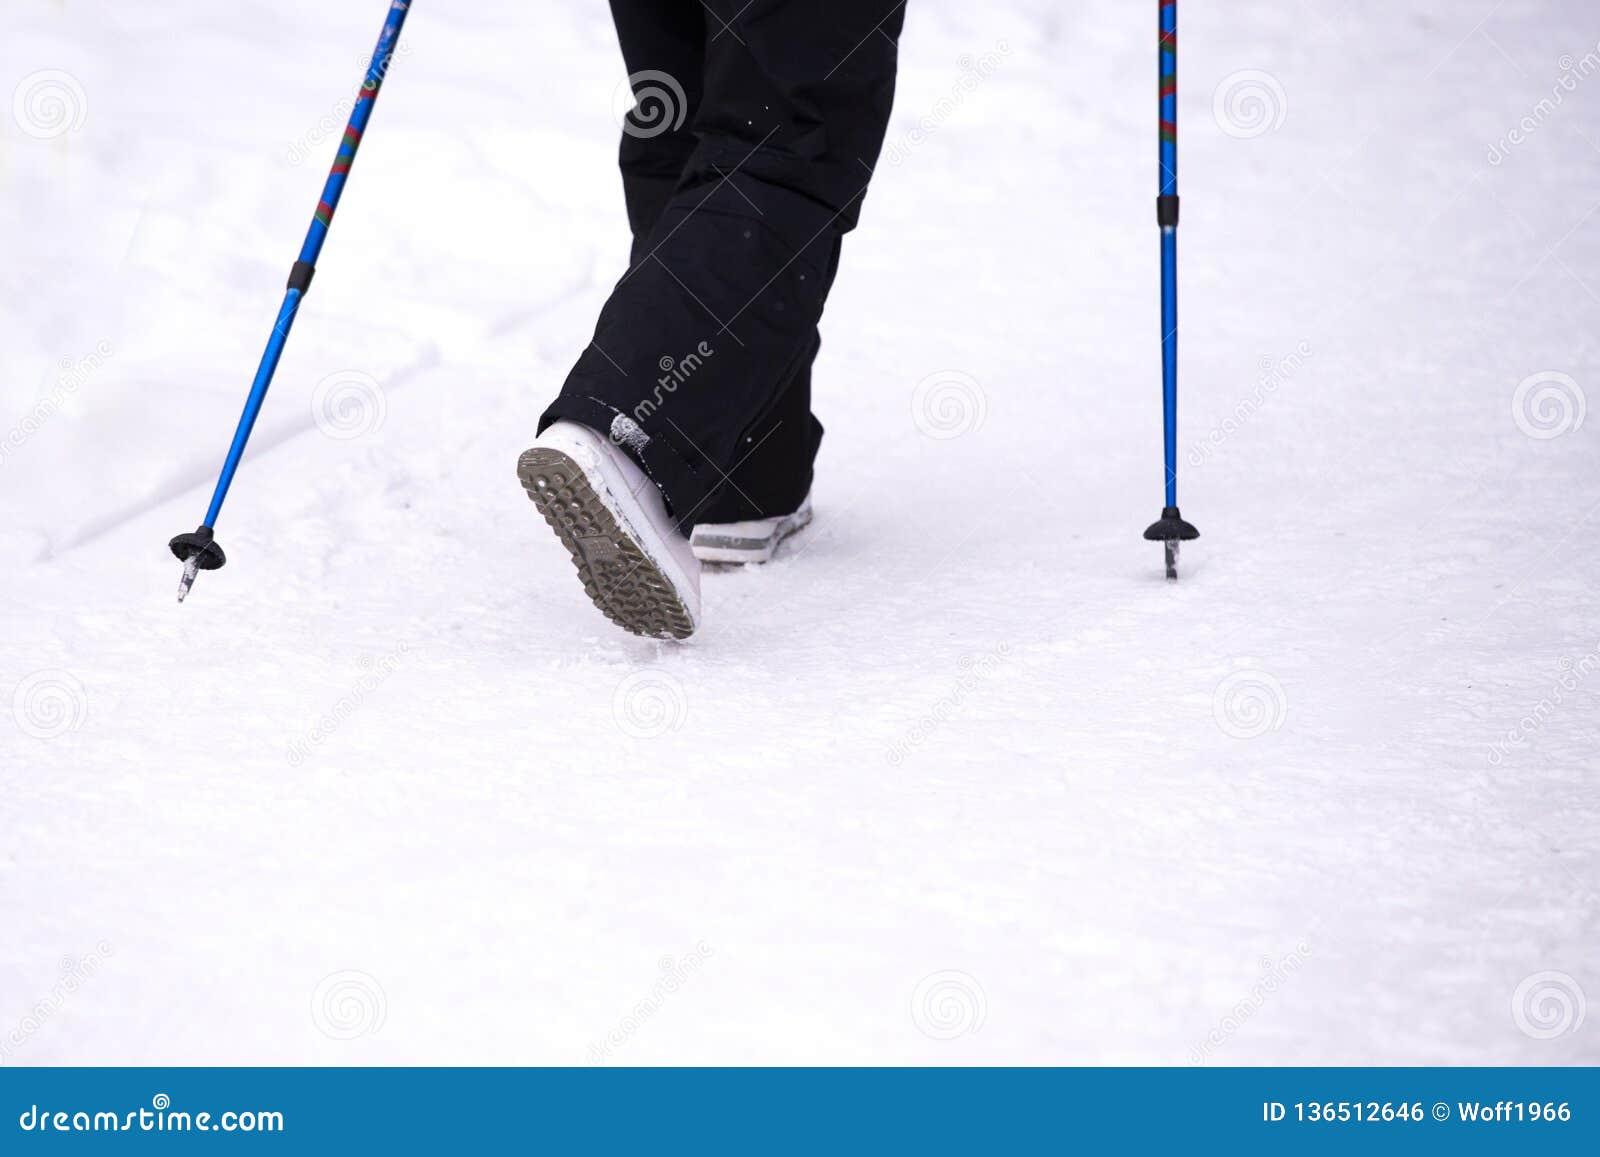 Nordic walking in winter , women s legs and walking sticks in snow